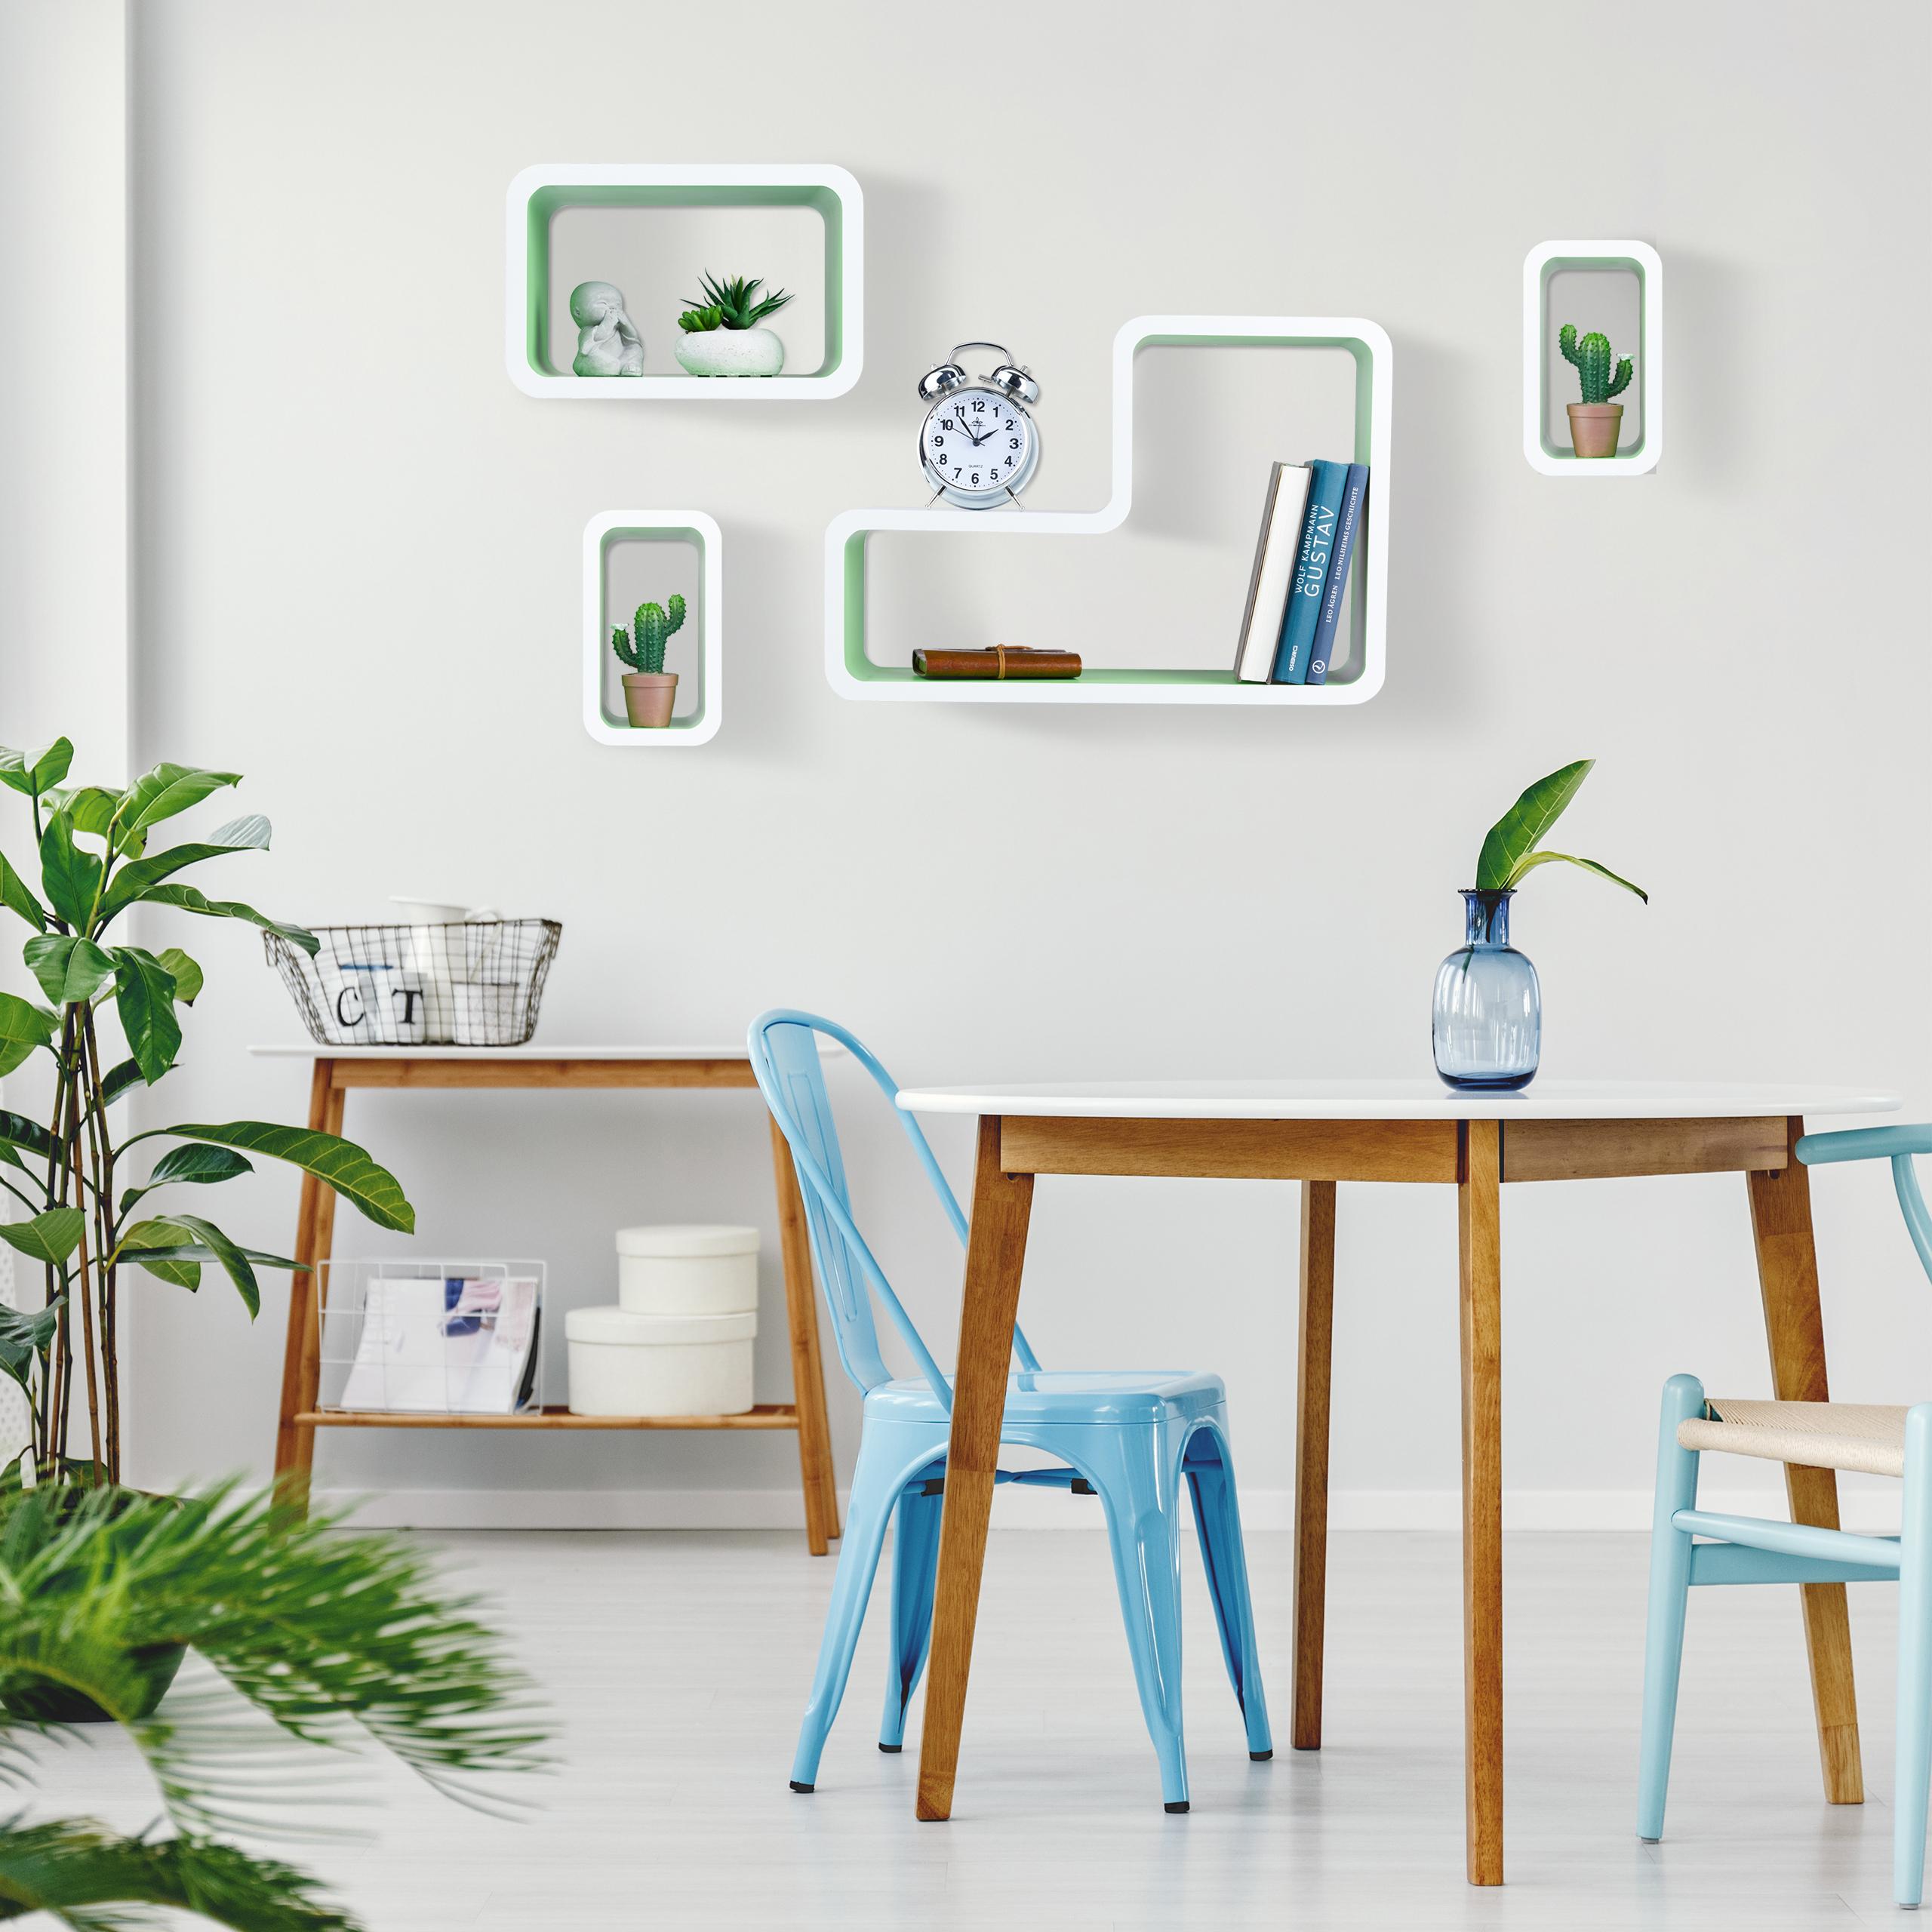 deko wohnzimmer modern – caseconrad